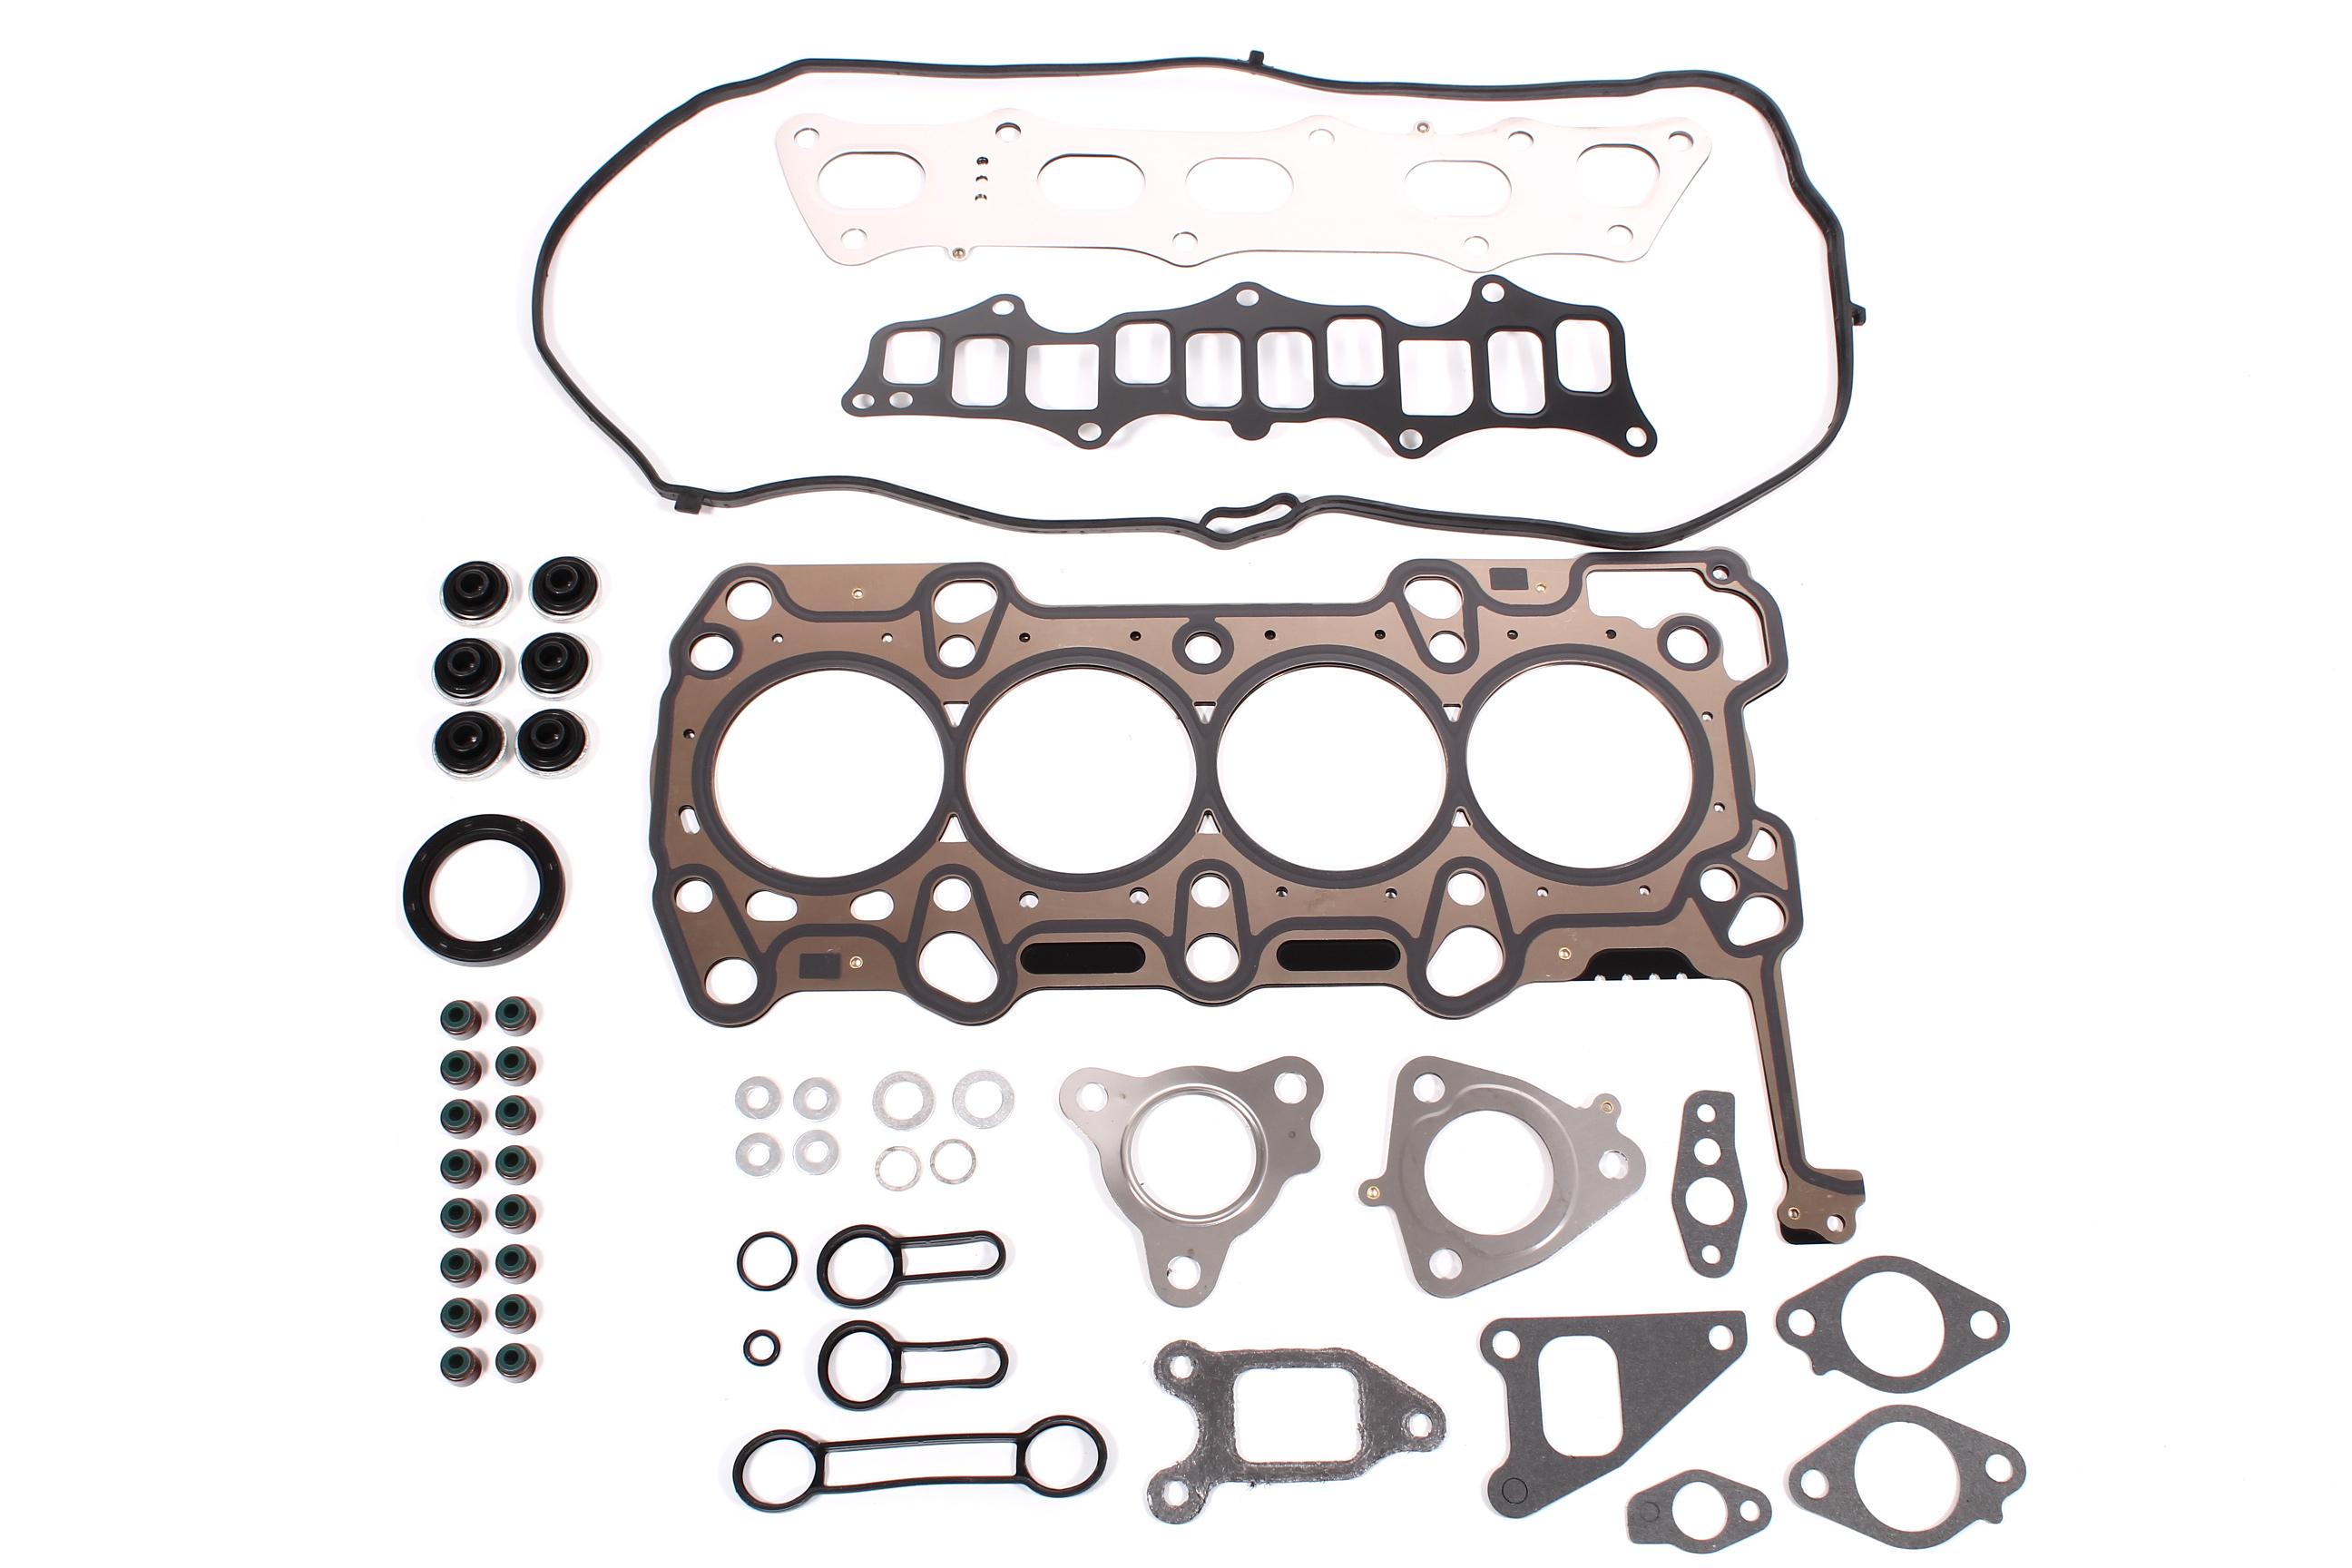 Dichtungssatz Zylinderkopfdichtung Honda Accord Civic 2,2 CTDi N22A1 N22A2 NEU